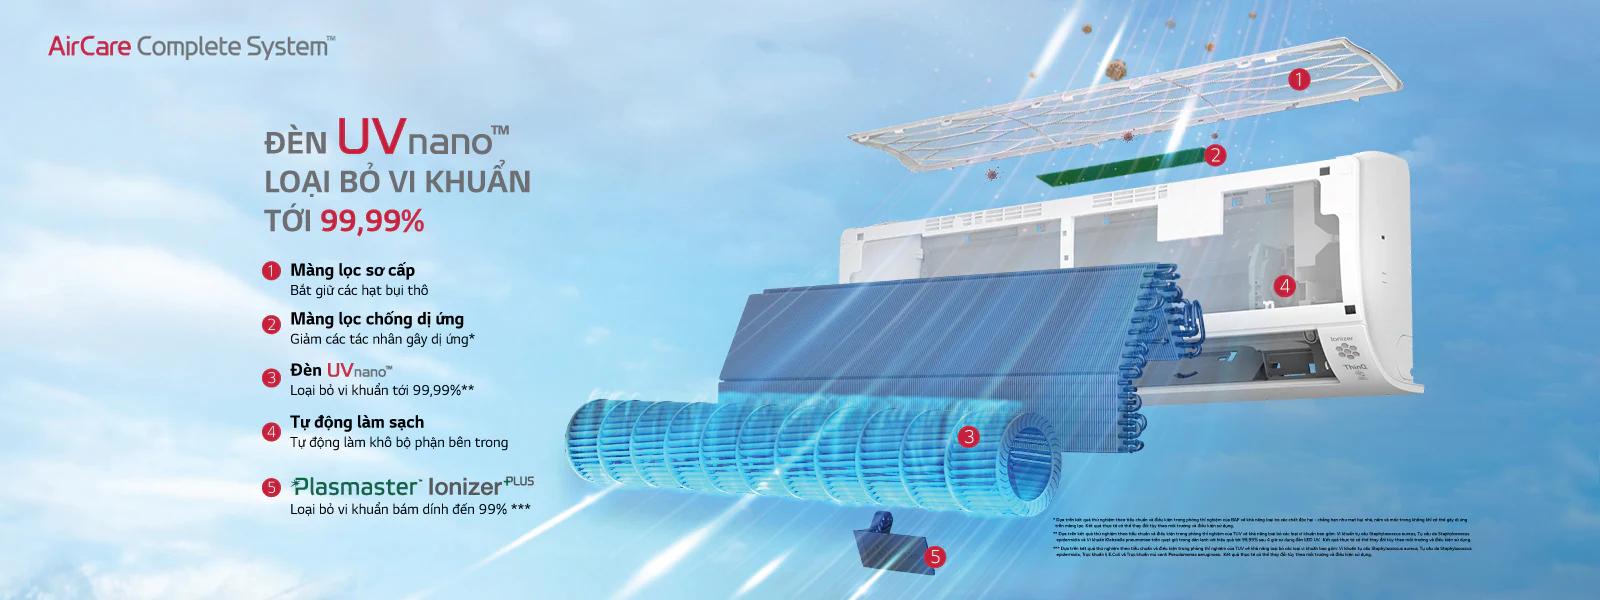 Các bước lọc khuẩn của máy lạnh LG UV Nano